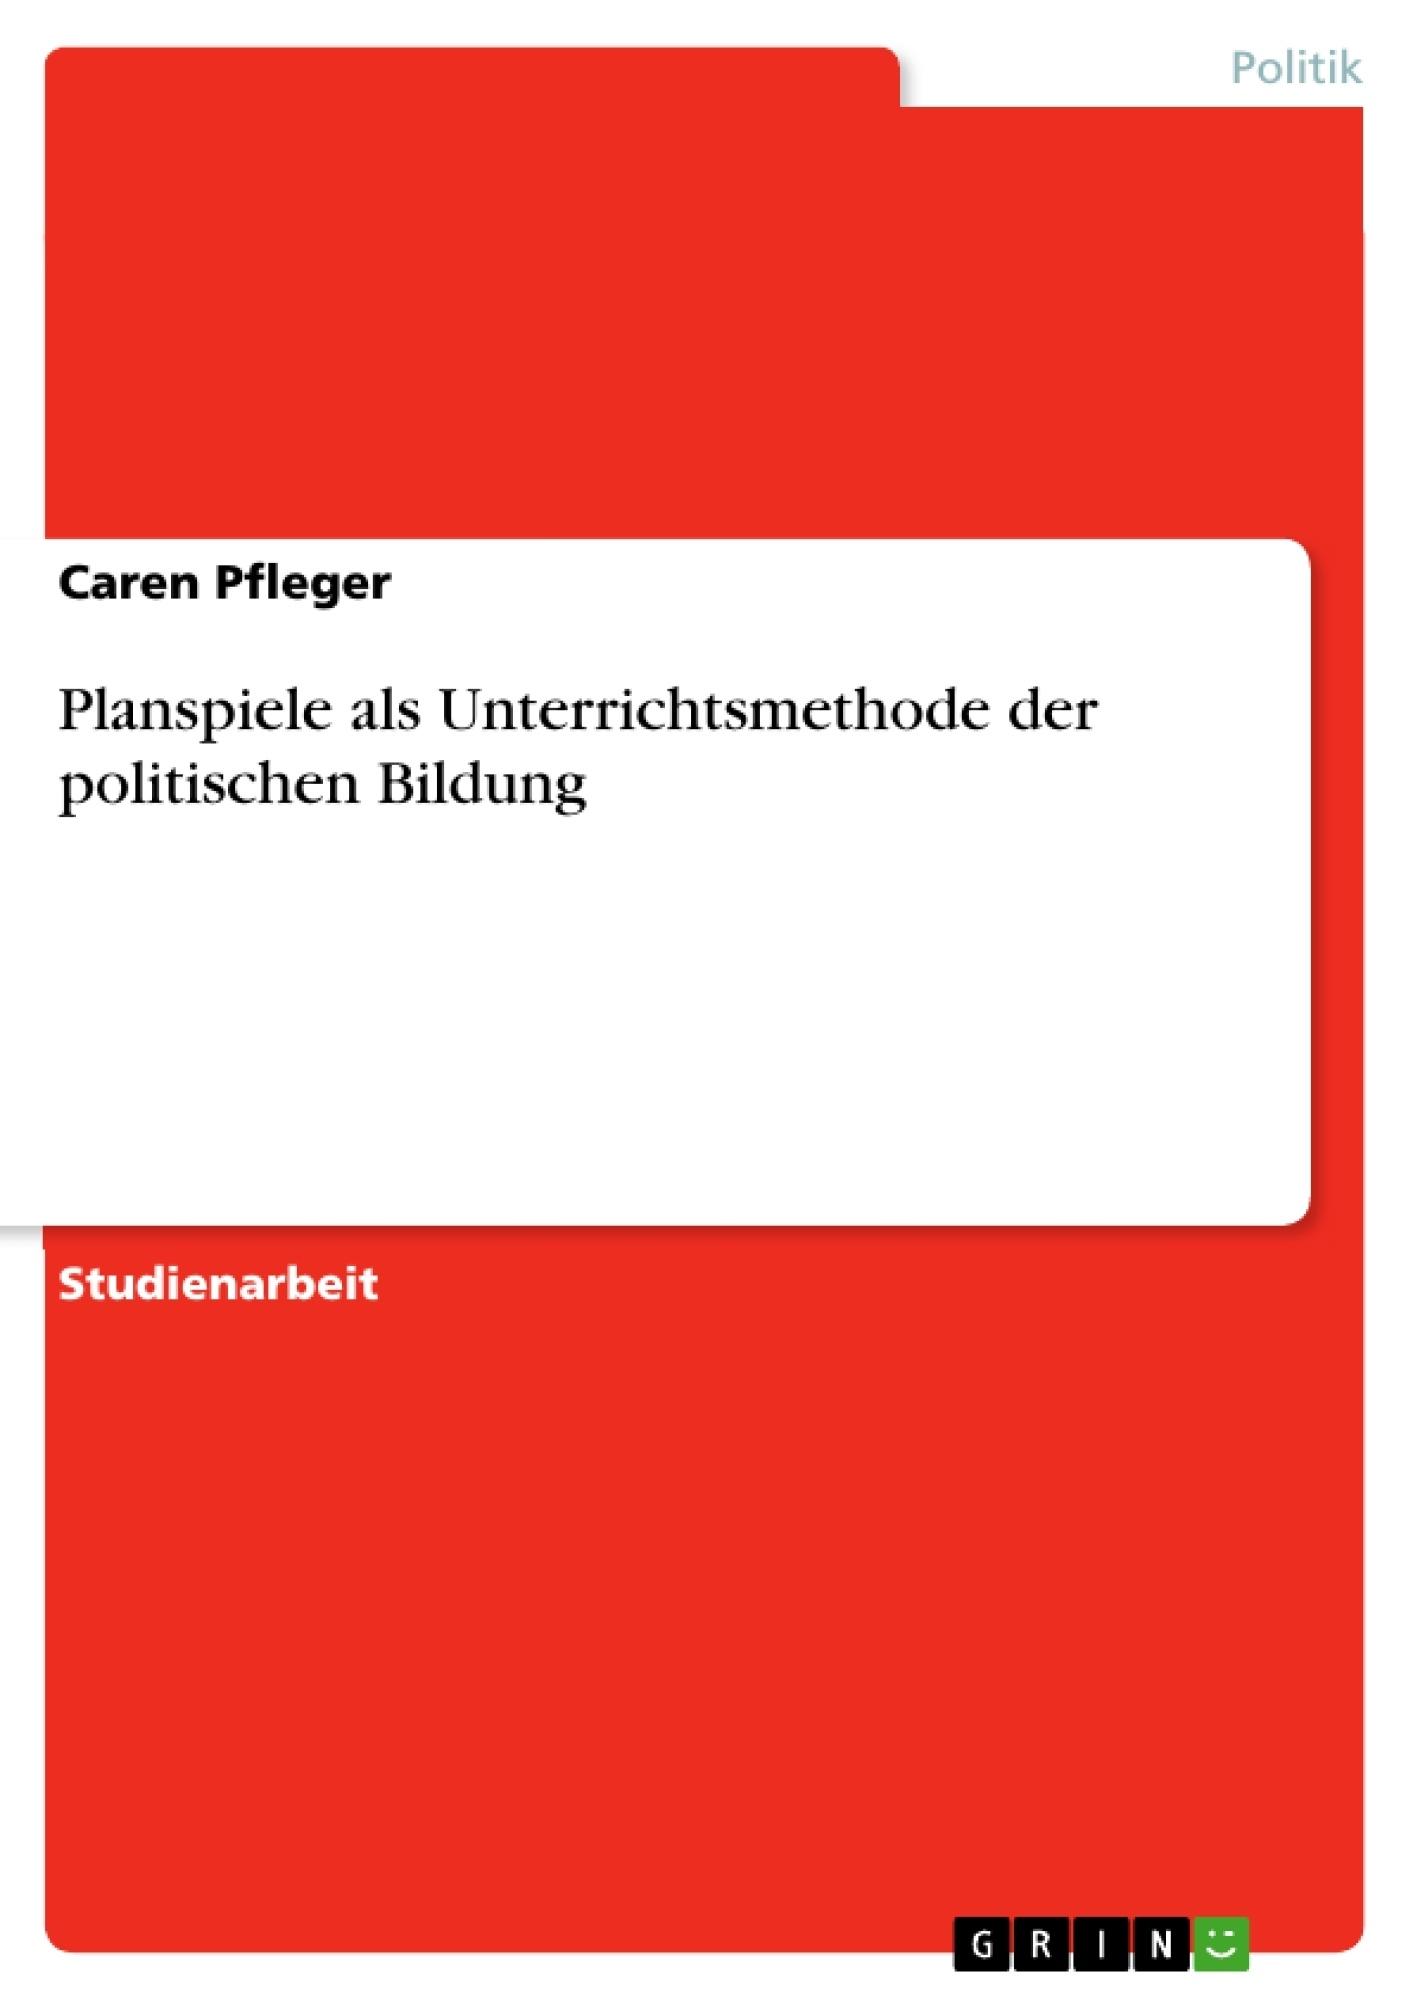 Titel: Planspiele als Unterrichtsmethode der politischen Bildung